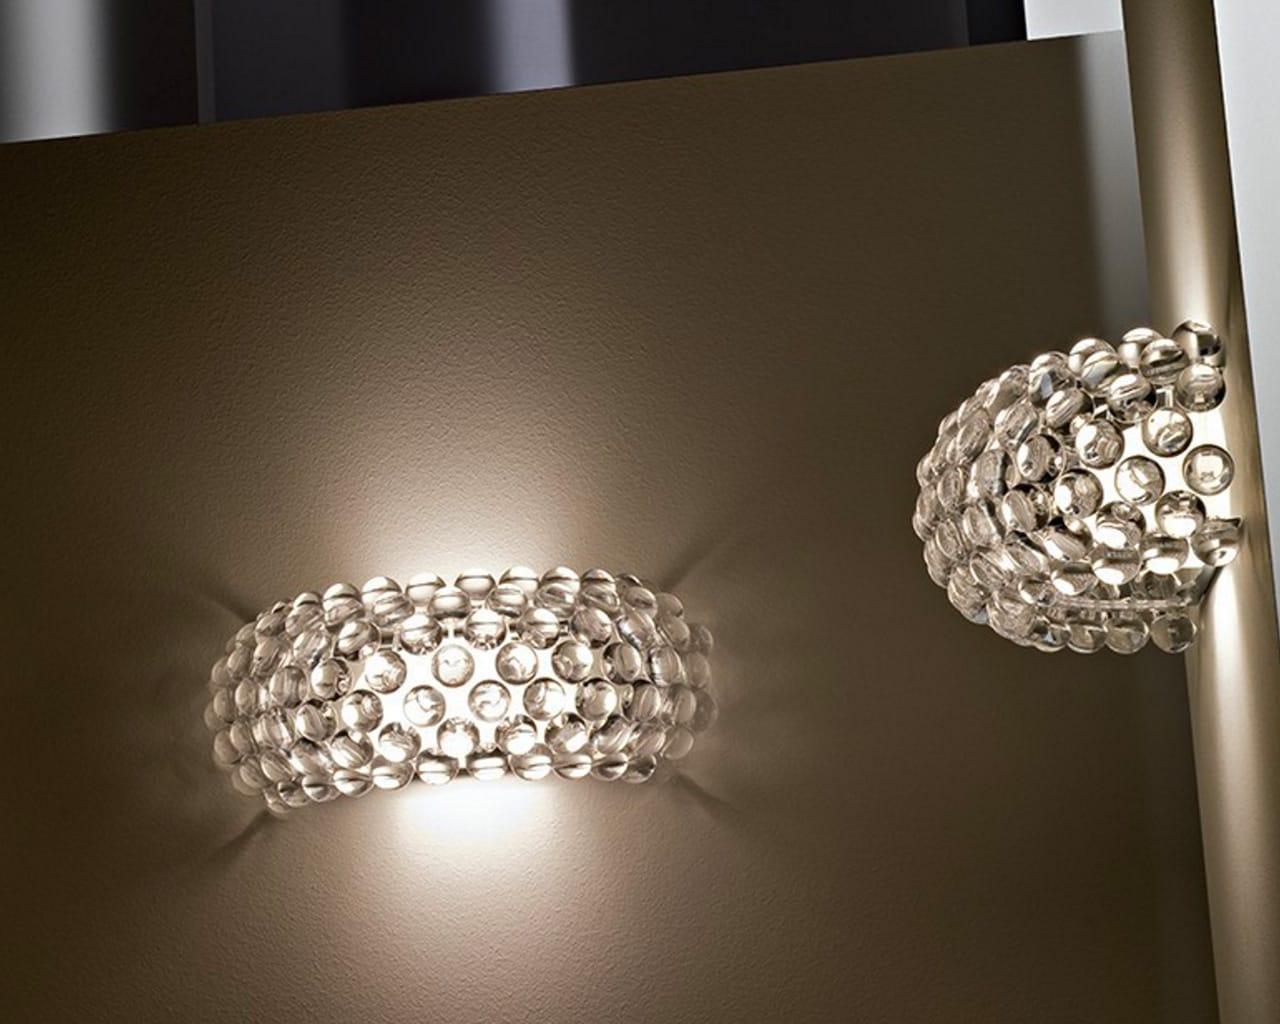 Caboche piccola lampada da parete foscarini ebay